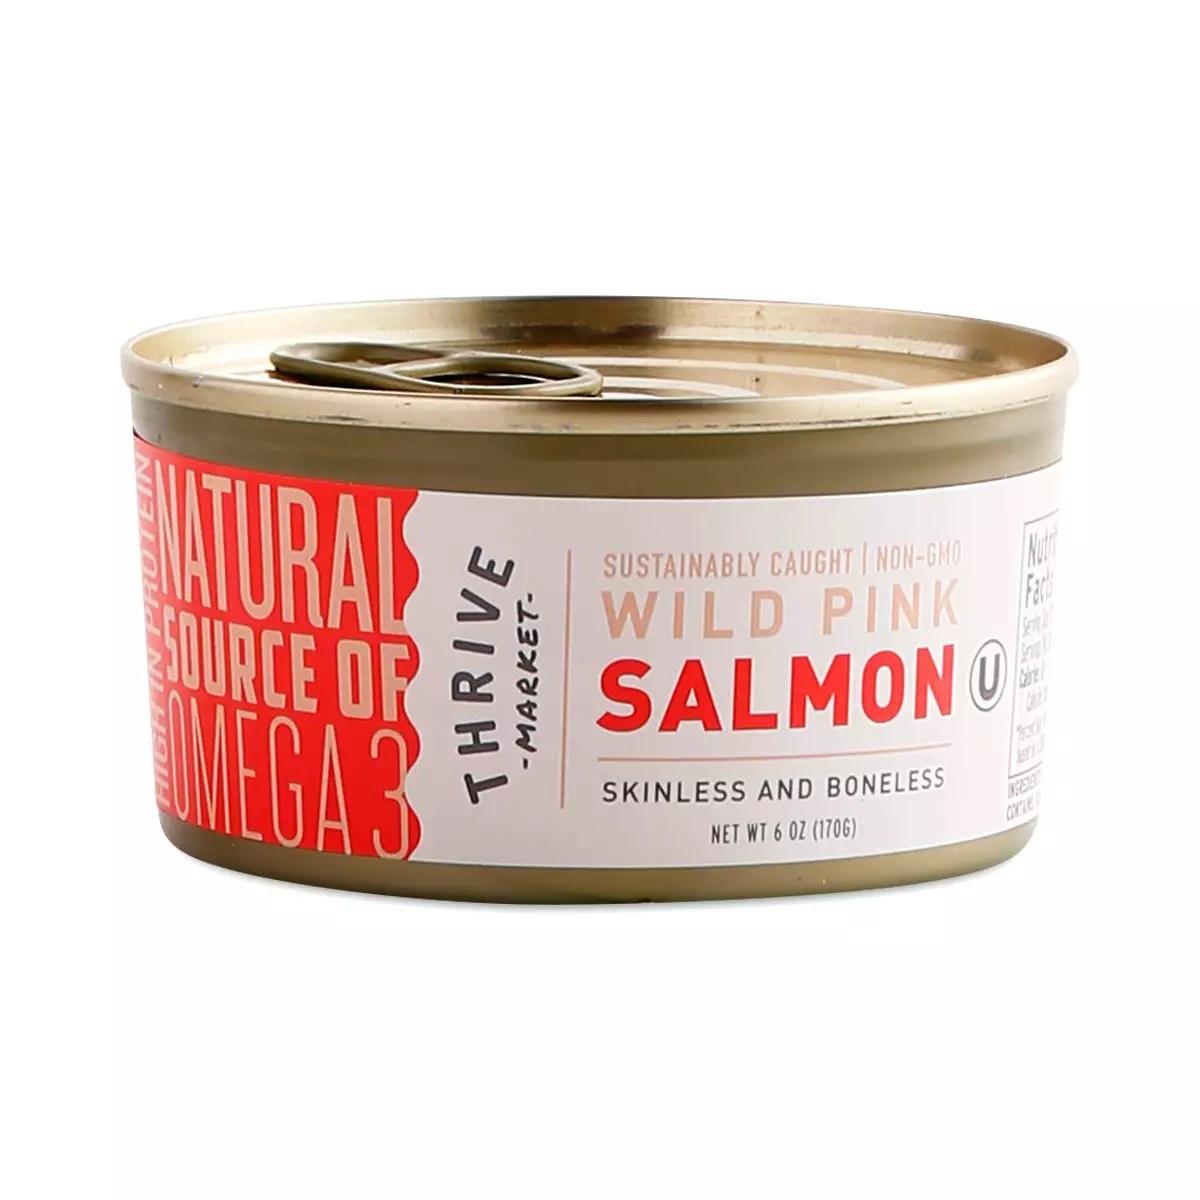 Non-GMO Wild Pink Salmon